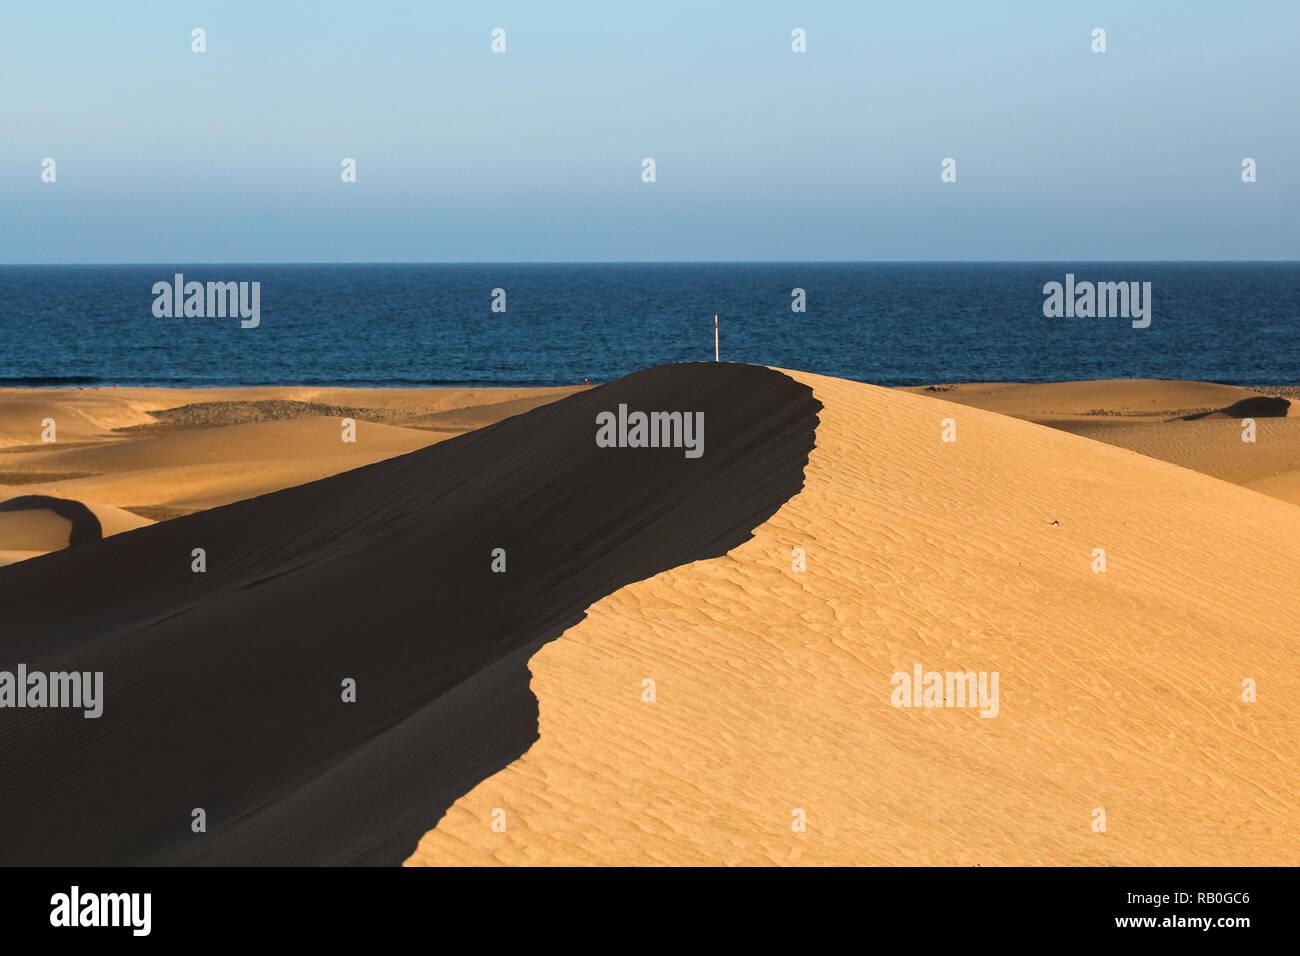 Lange Schatten auf Cascading Sanddünen in der Wüste mit Blick auf das Meer/See bei Sonnenuntergang (Dunas de Maspalomas, Gran Canaria, Spanien, Europa) Stockfoto